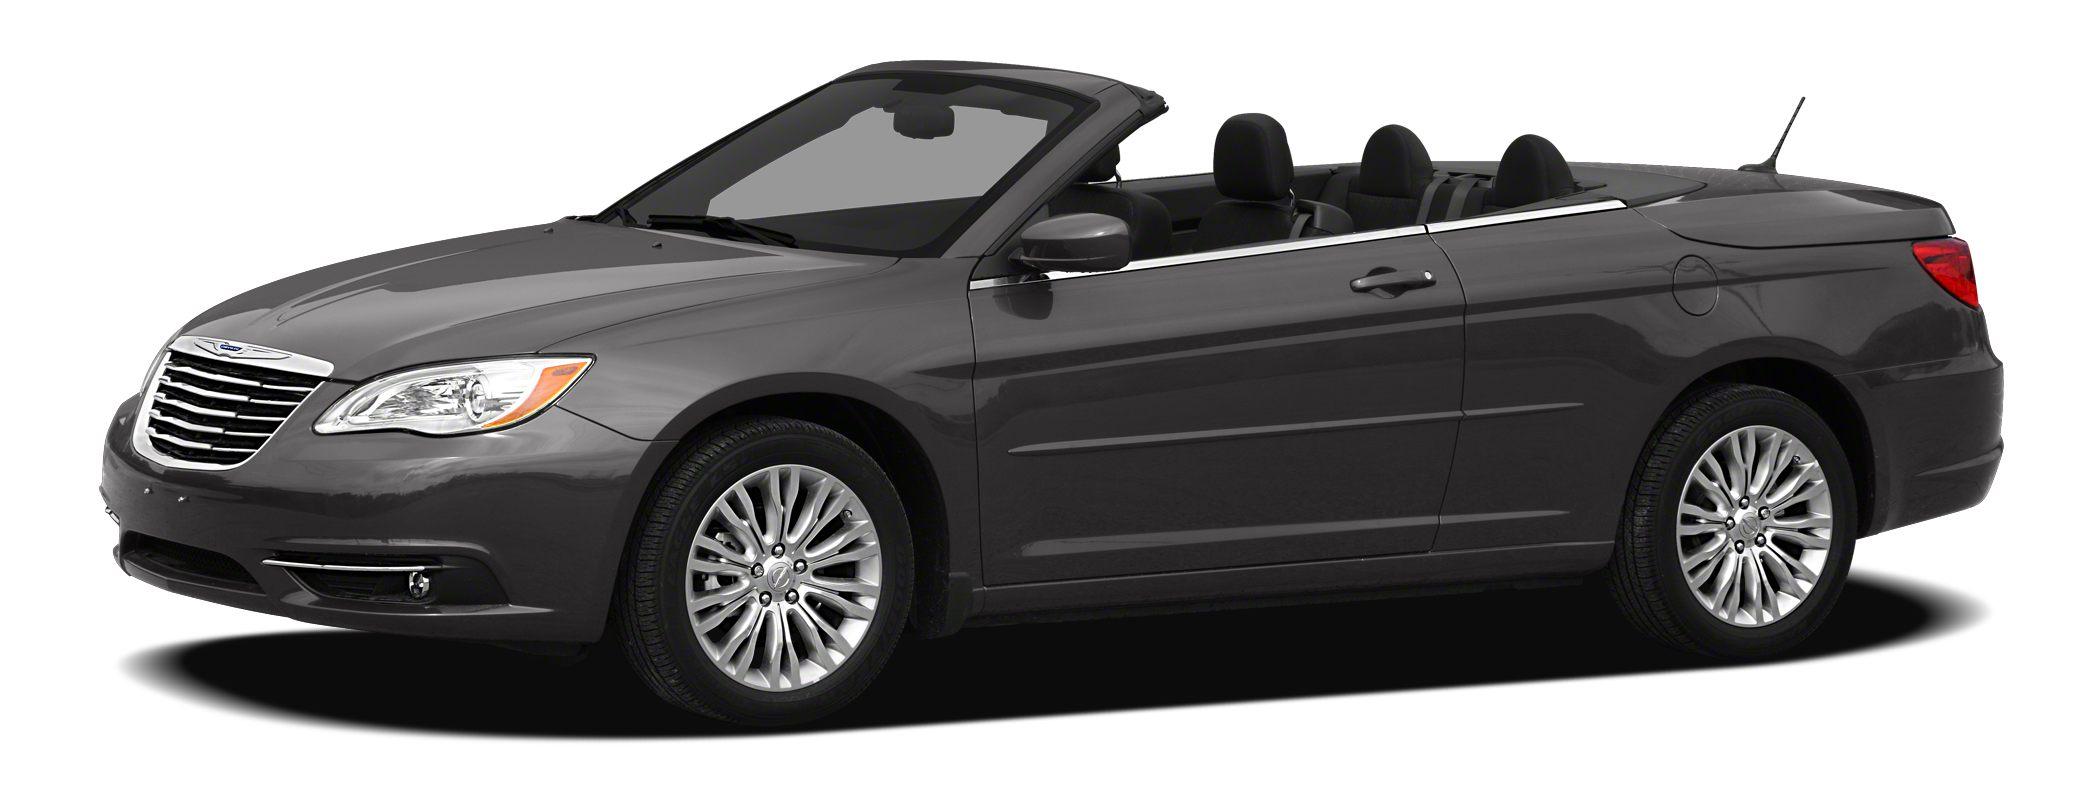 2011 Chrysler 200 Limited Miles 31655Color Gray Stock 16406 VIN 1C3BC7EG1BN616184